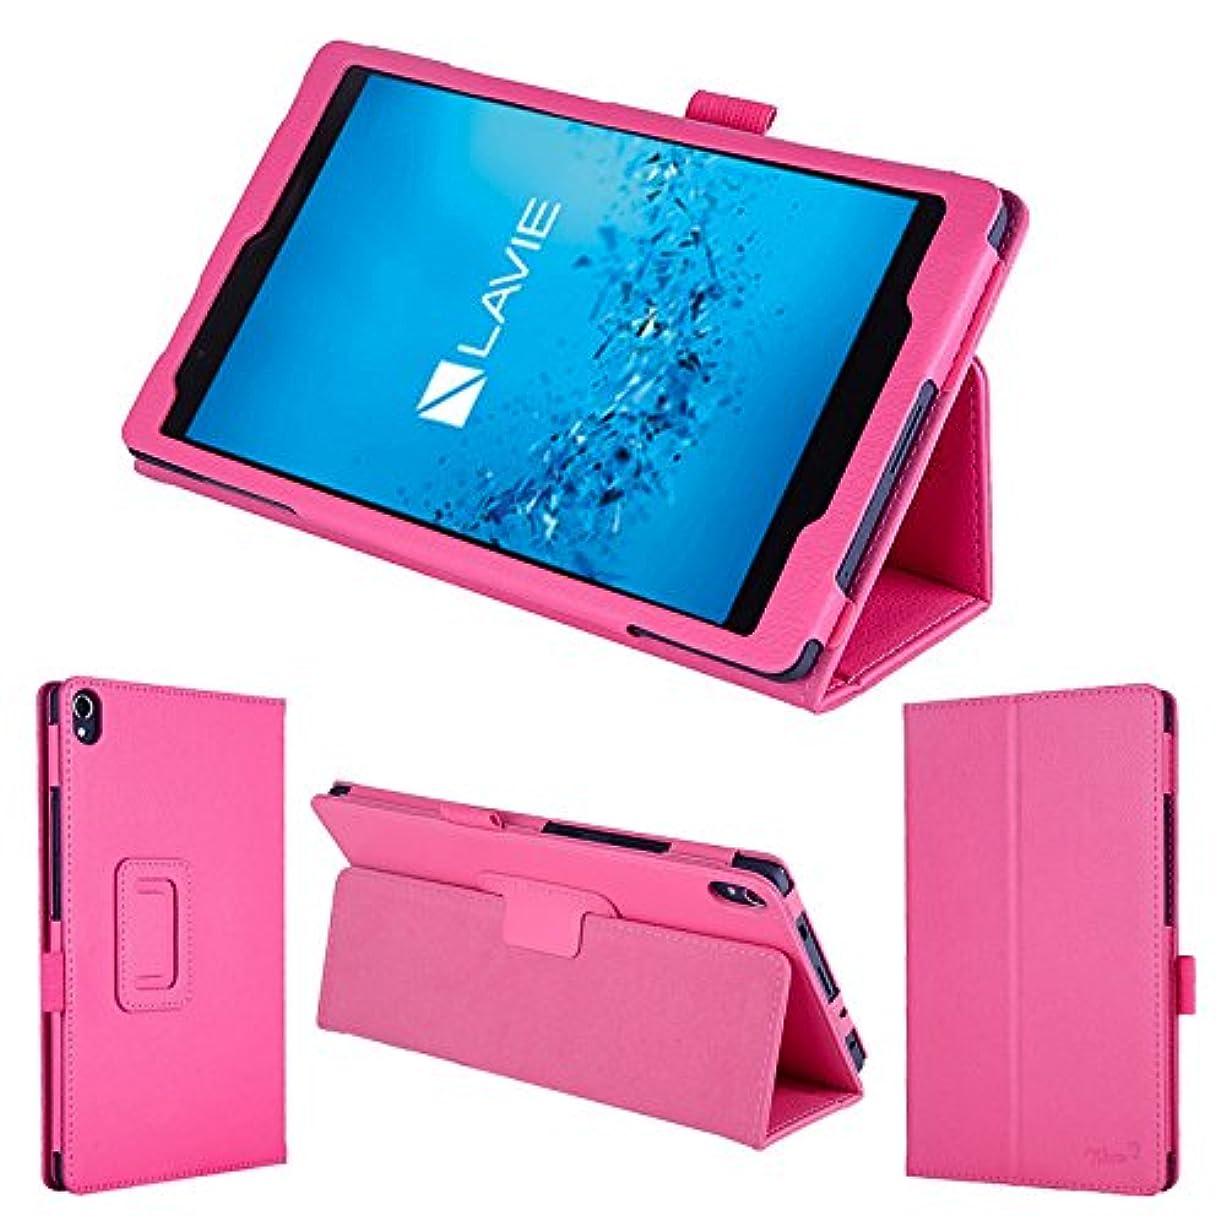 触手パワーセルパパwisers 保護フィルム付 NEC LAVIE Tab S TS508/FAM PC-TS508FAM 8インチ タブレット 専用 ケース カバー [2017 年 新型] ピンク